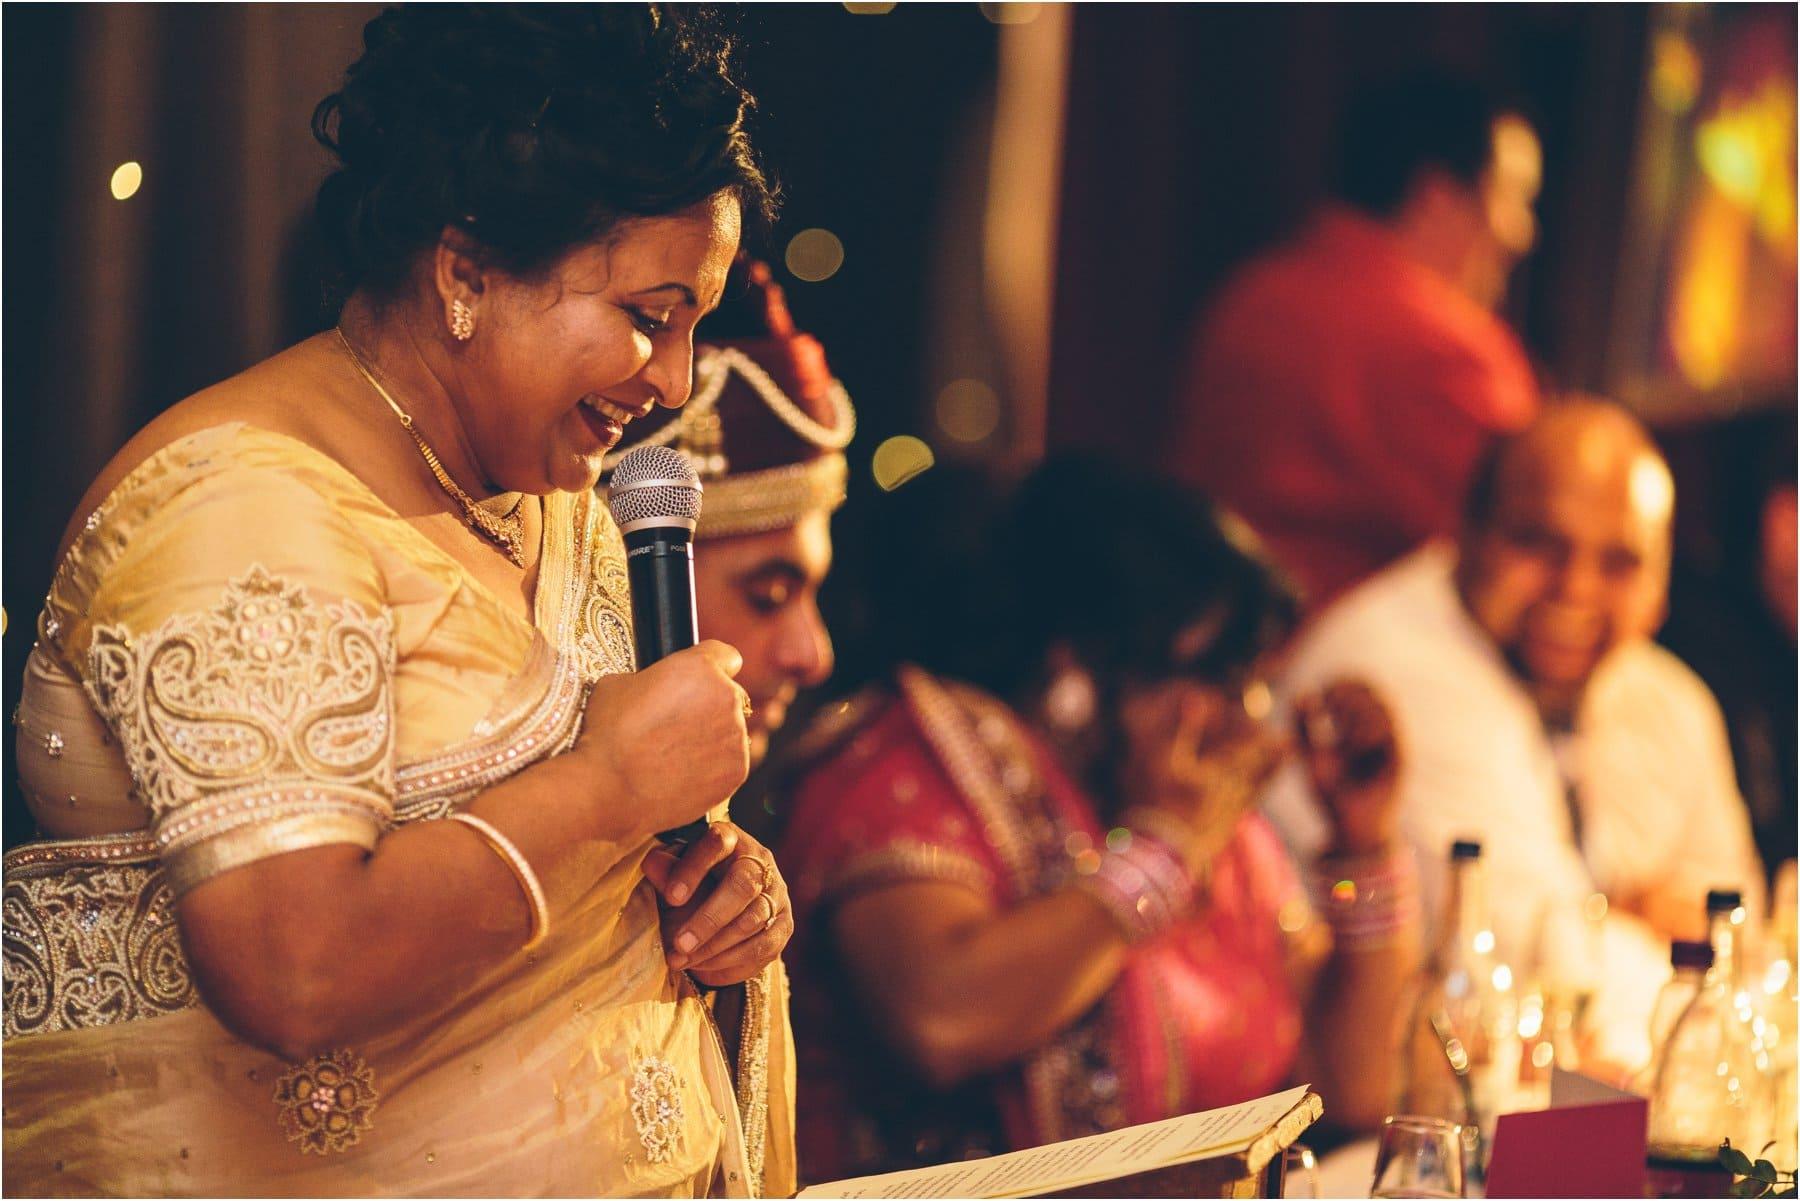 Lancashire_Indian_Wedding_Photography_0154